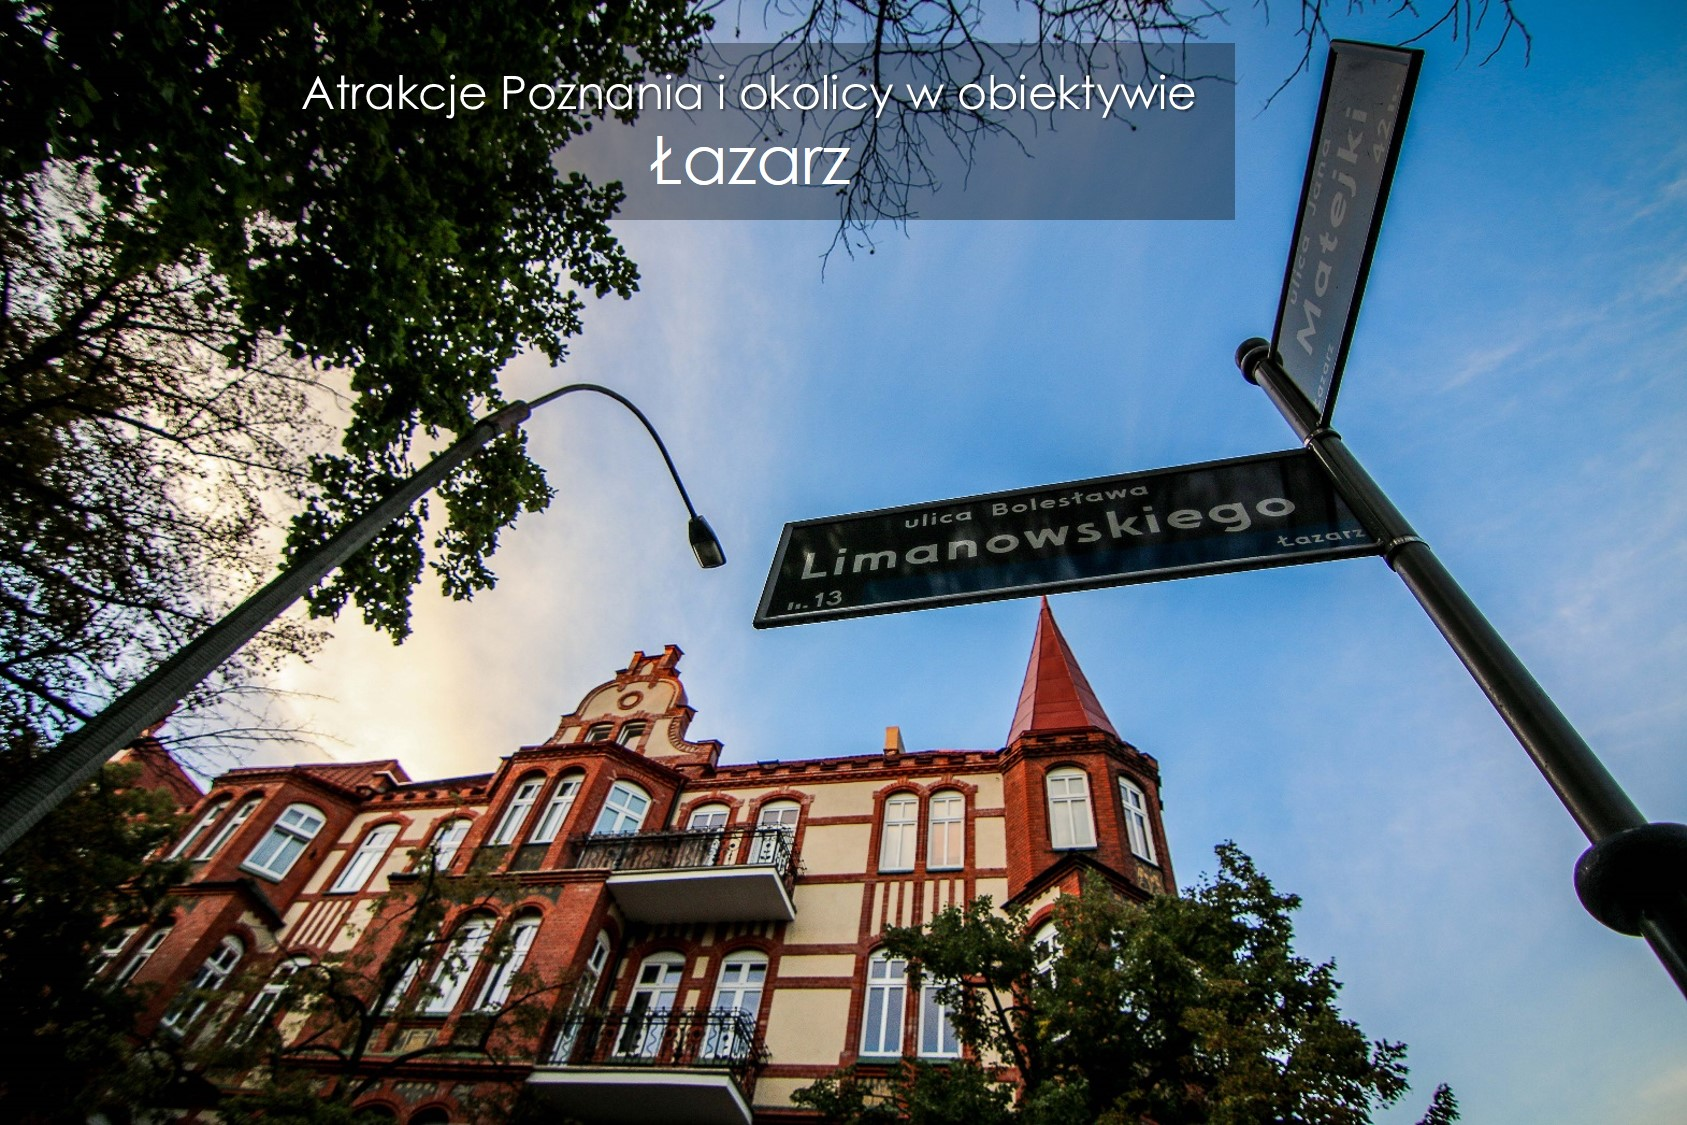 Łazarz1